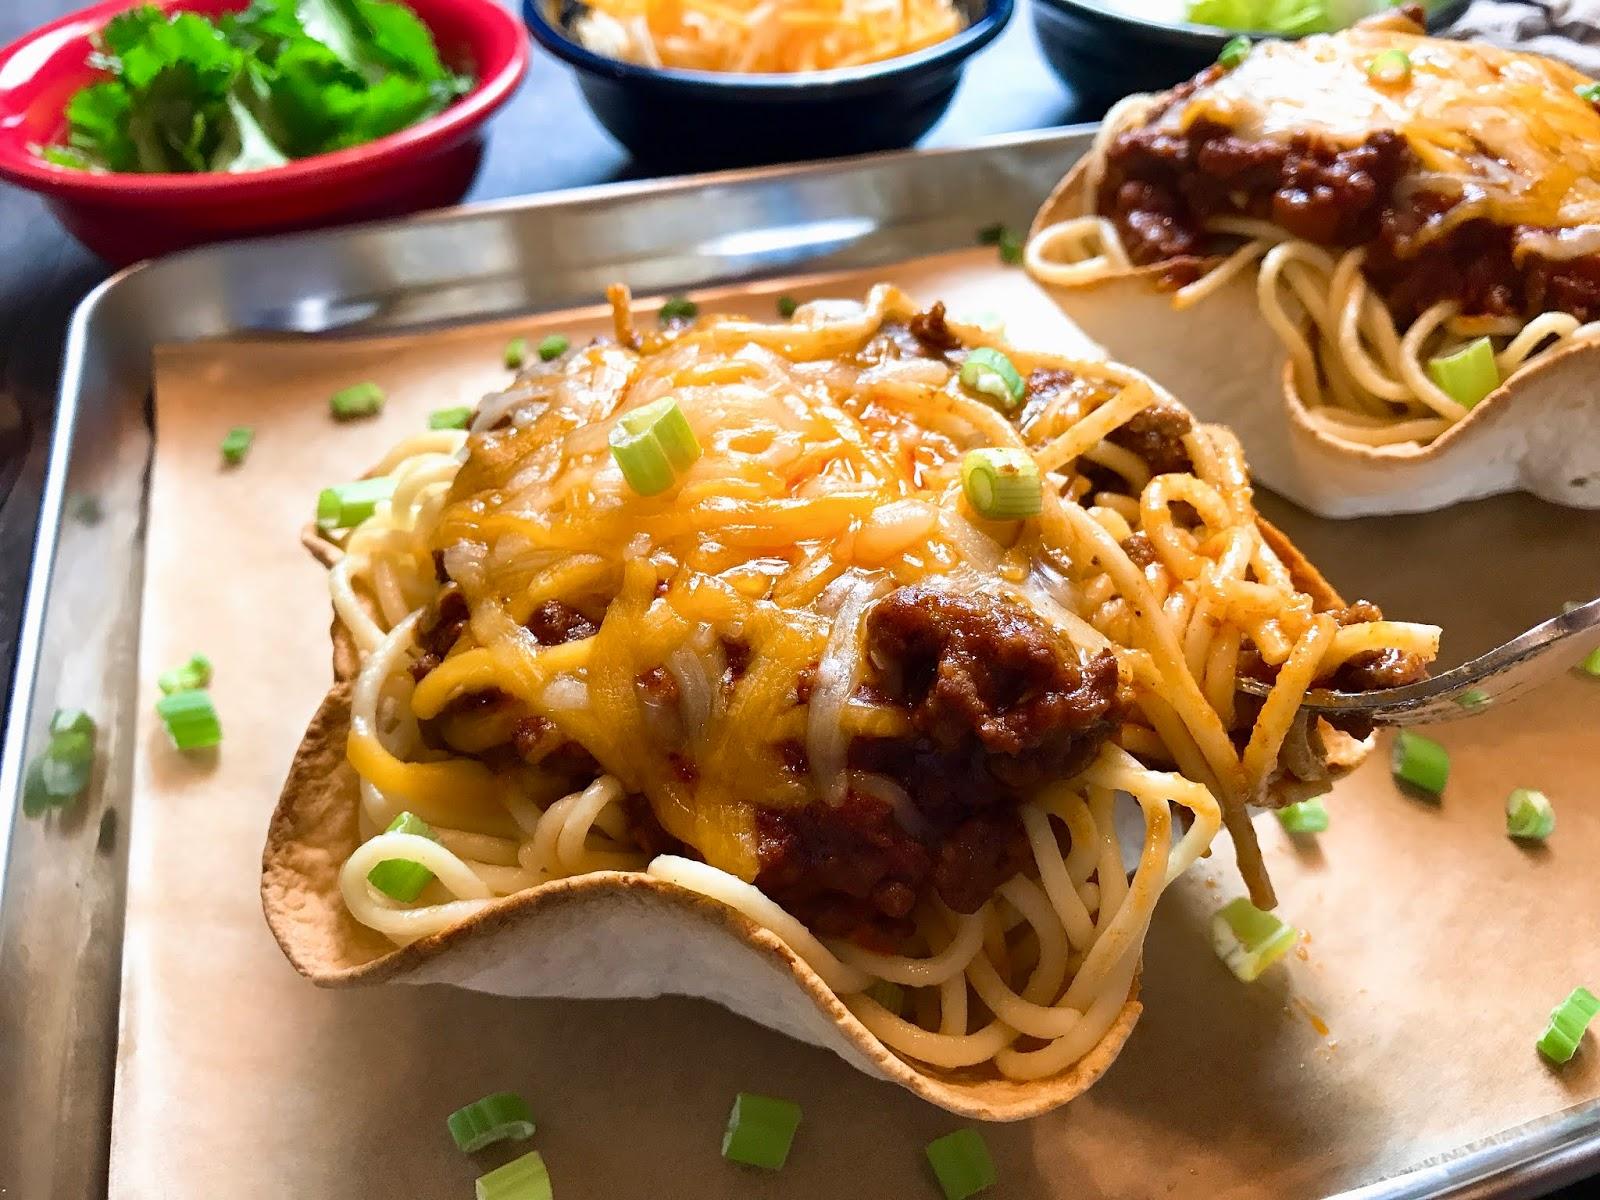 Spaghetti Taco Salad